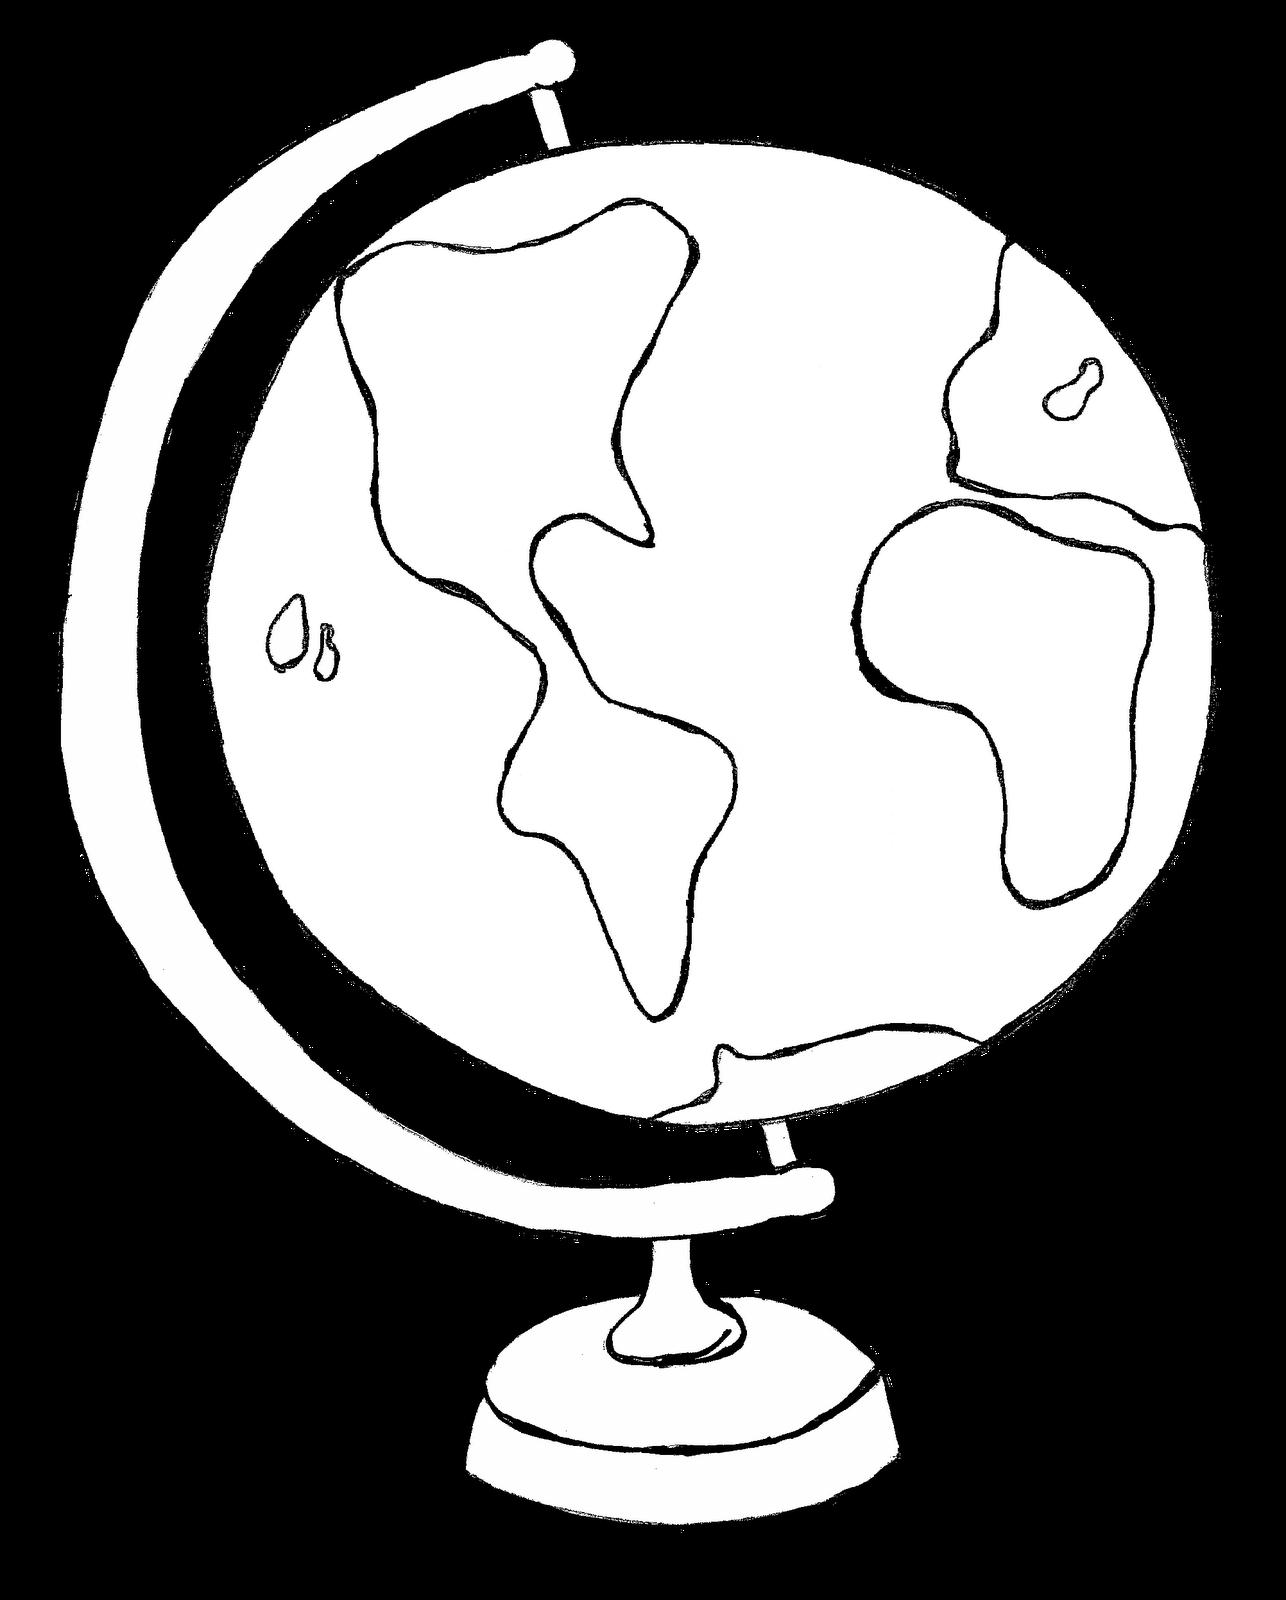 World Globe Black And White Clipart - Clipart Kid